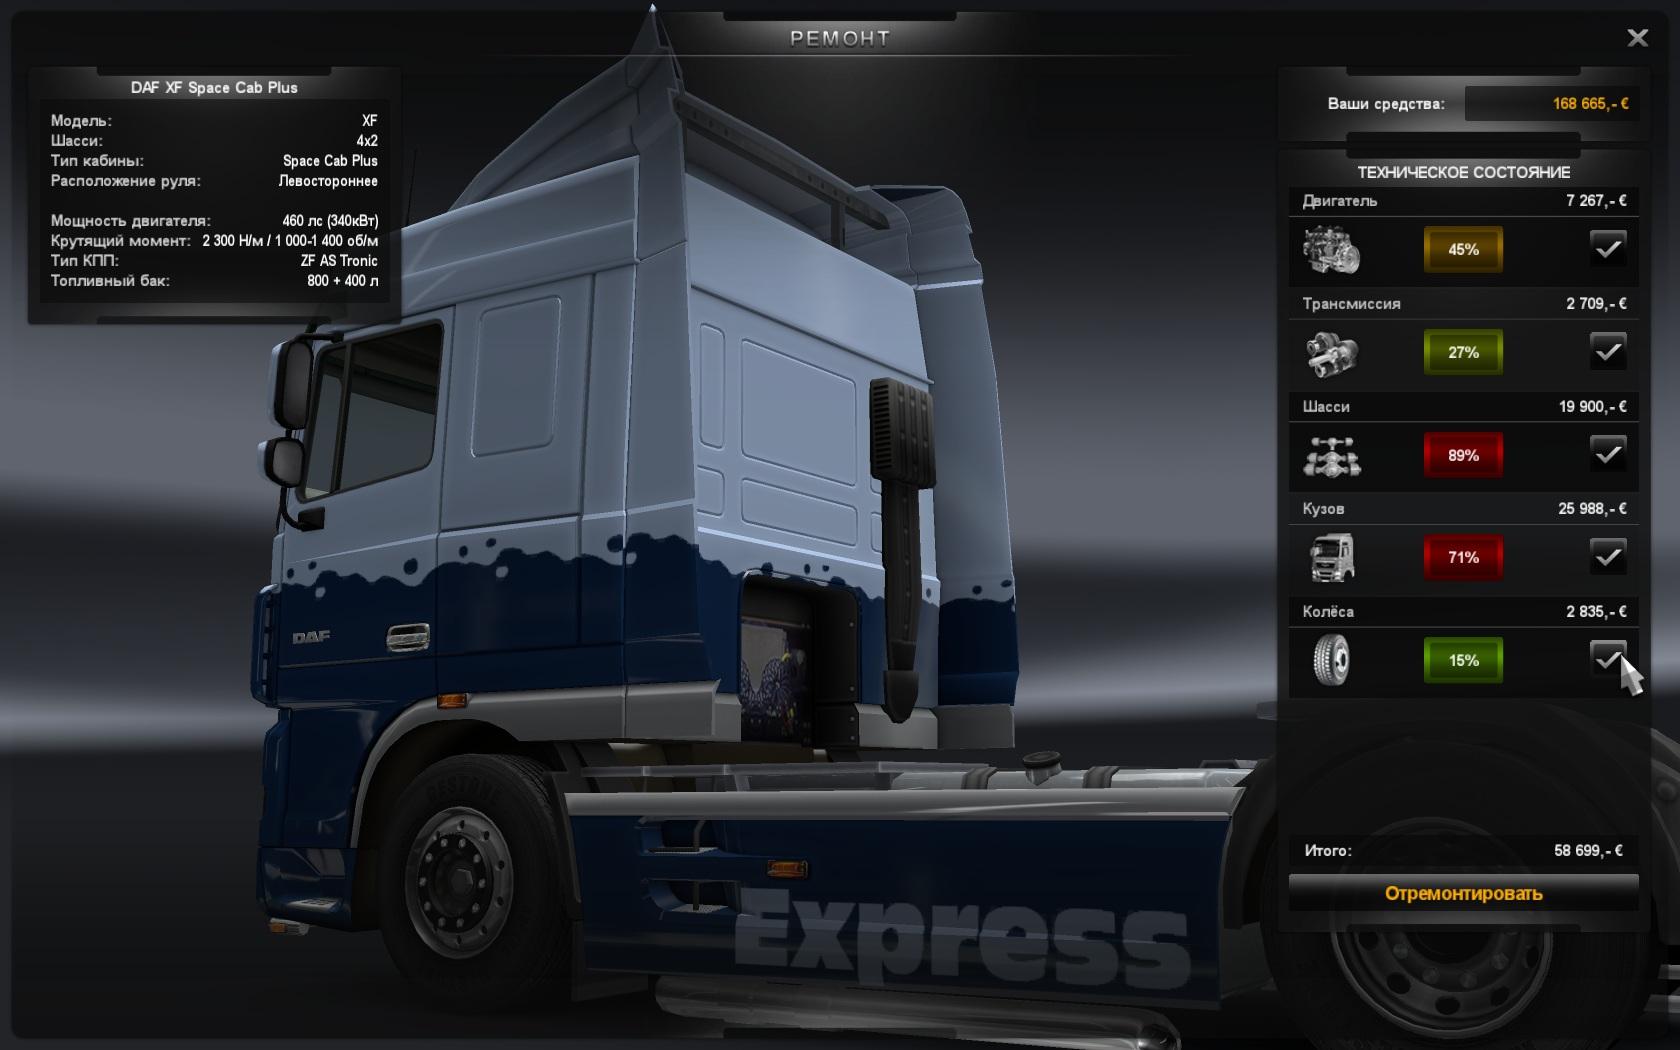 ОписаниеКак и все настоящие симуляторы, Euro Truck Simulator 2